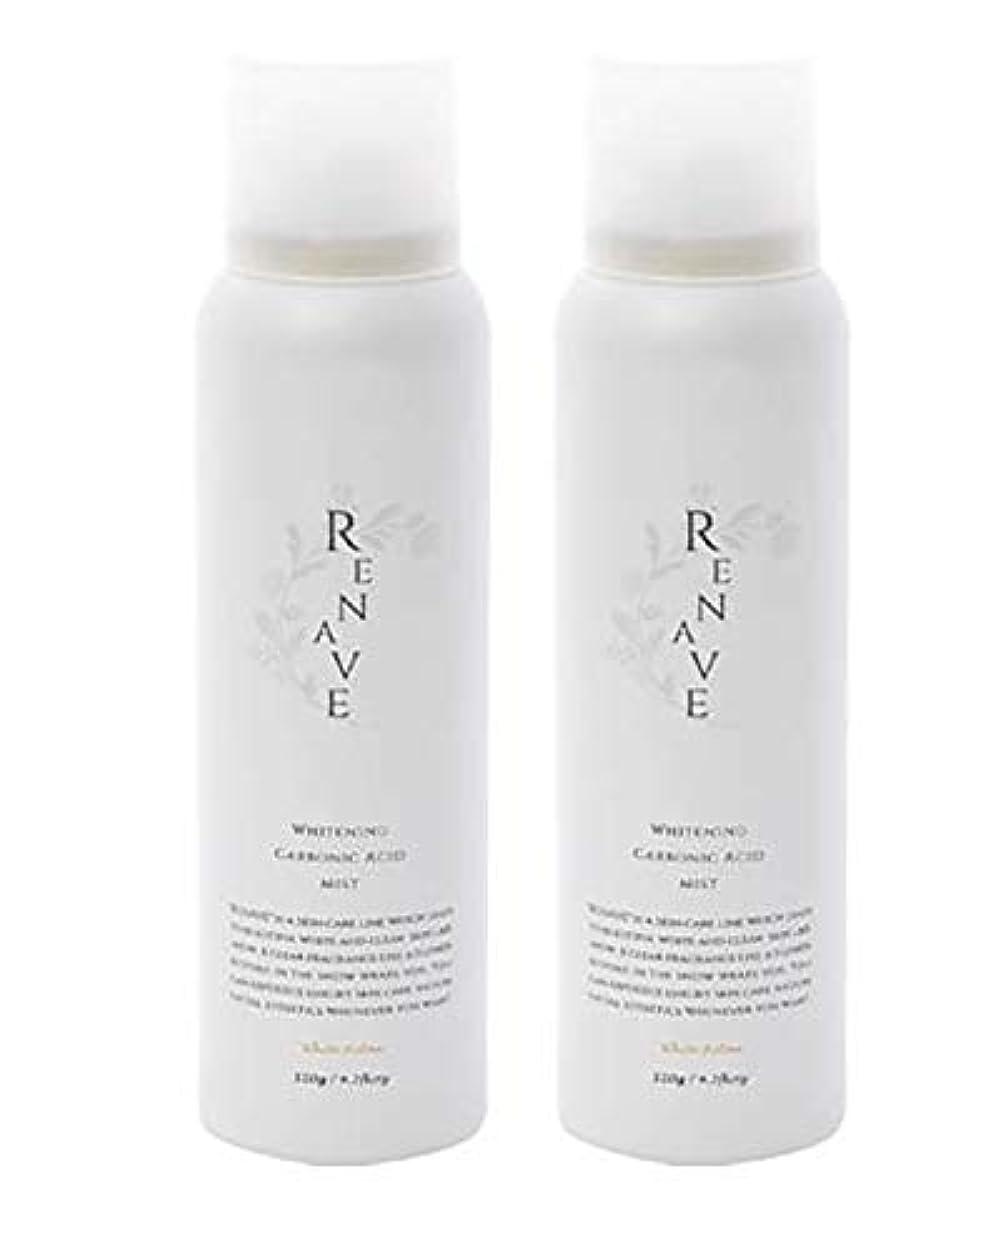 旅客鳥財団RENAVE(リネーヴェ) 高濃度炭酸ミスト 薬用美白化粧水 120ml 2本セット